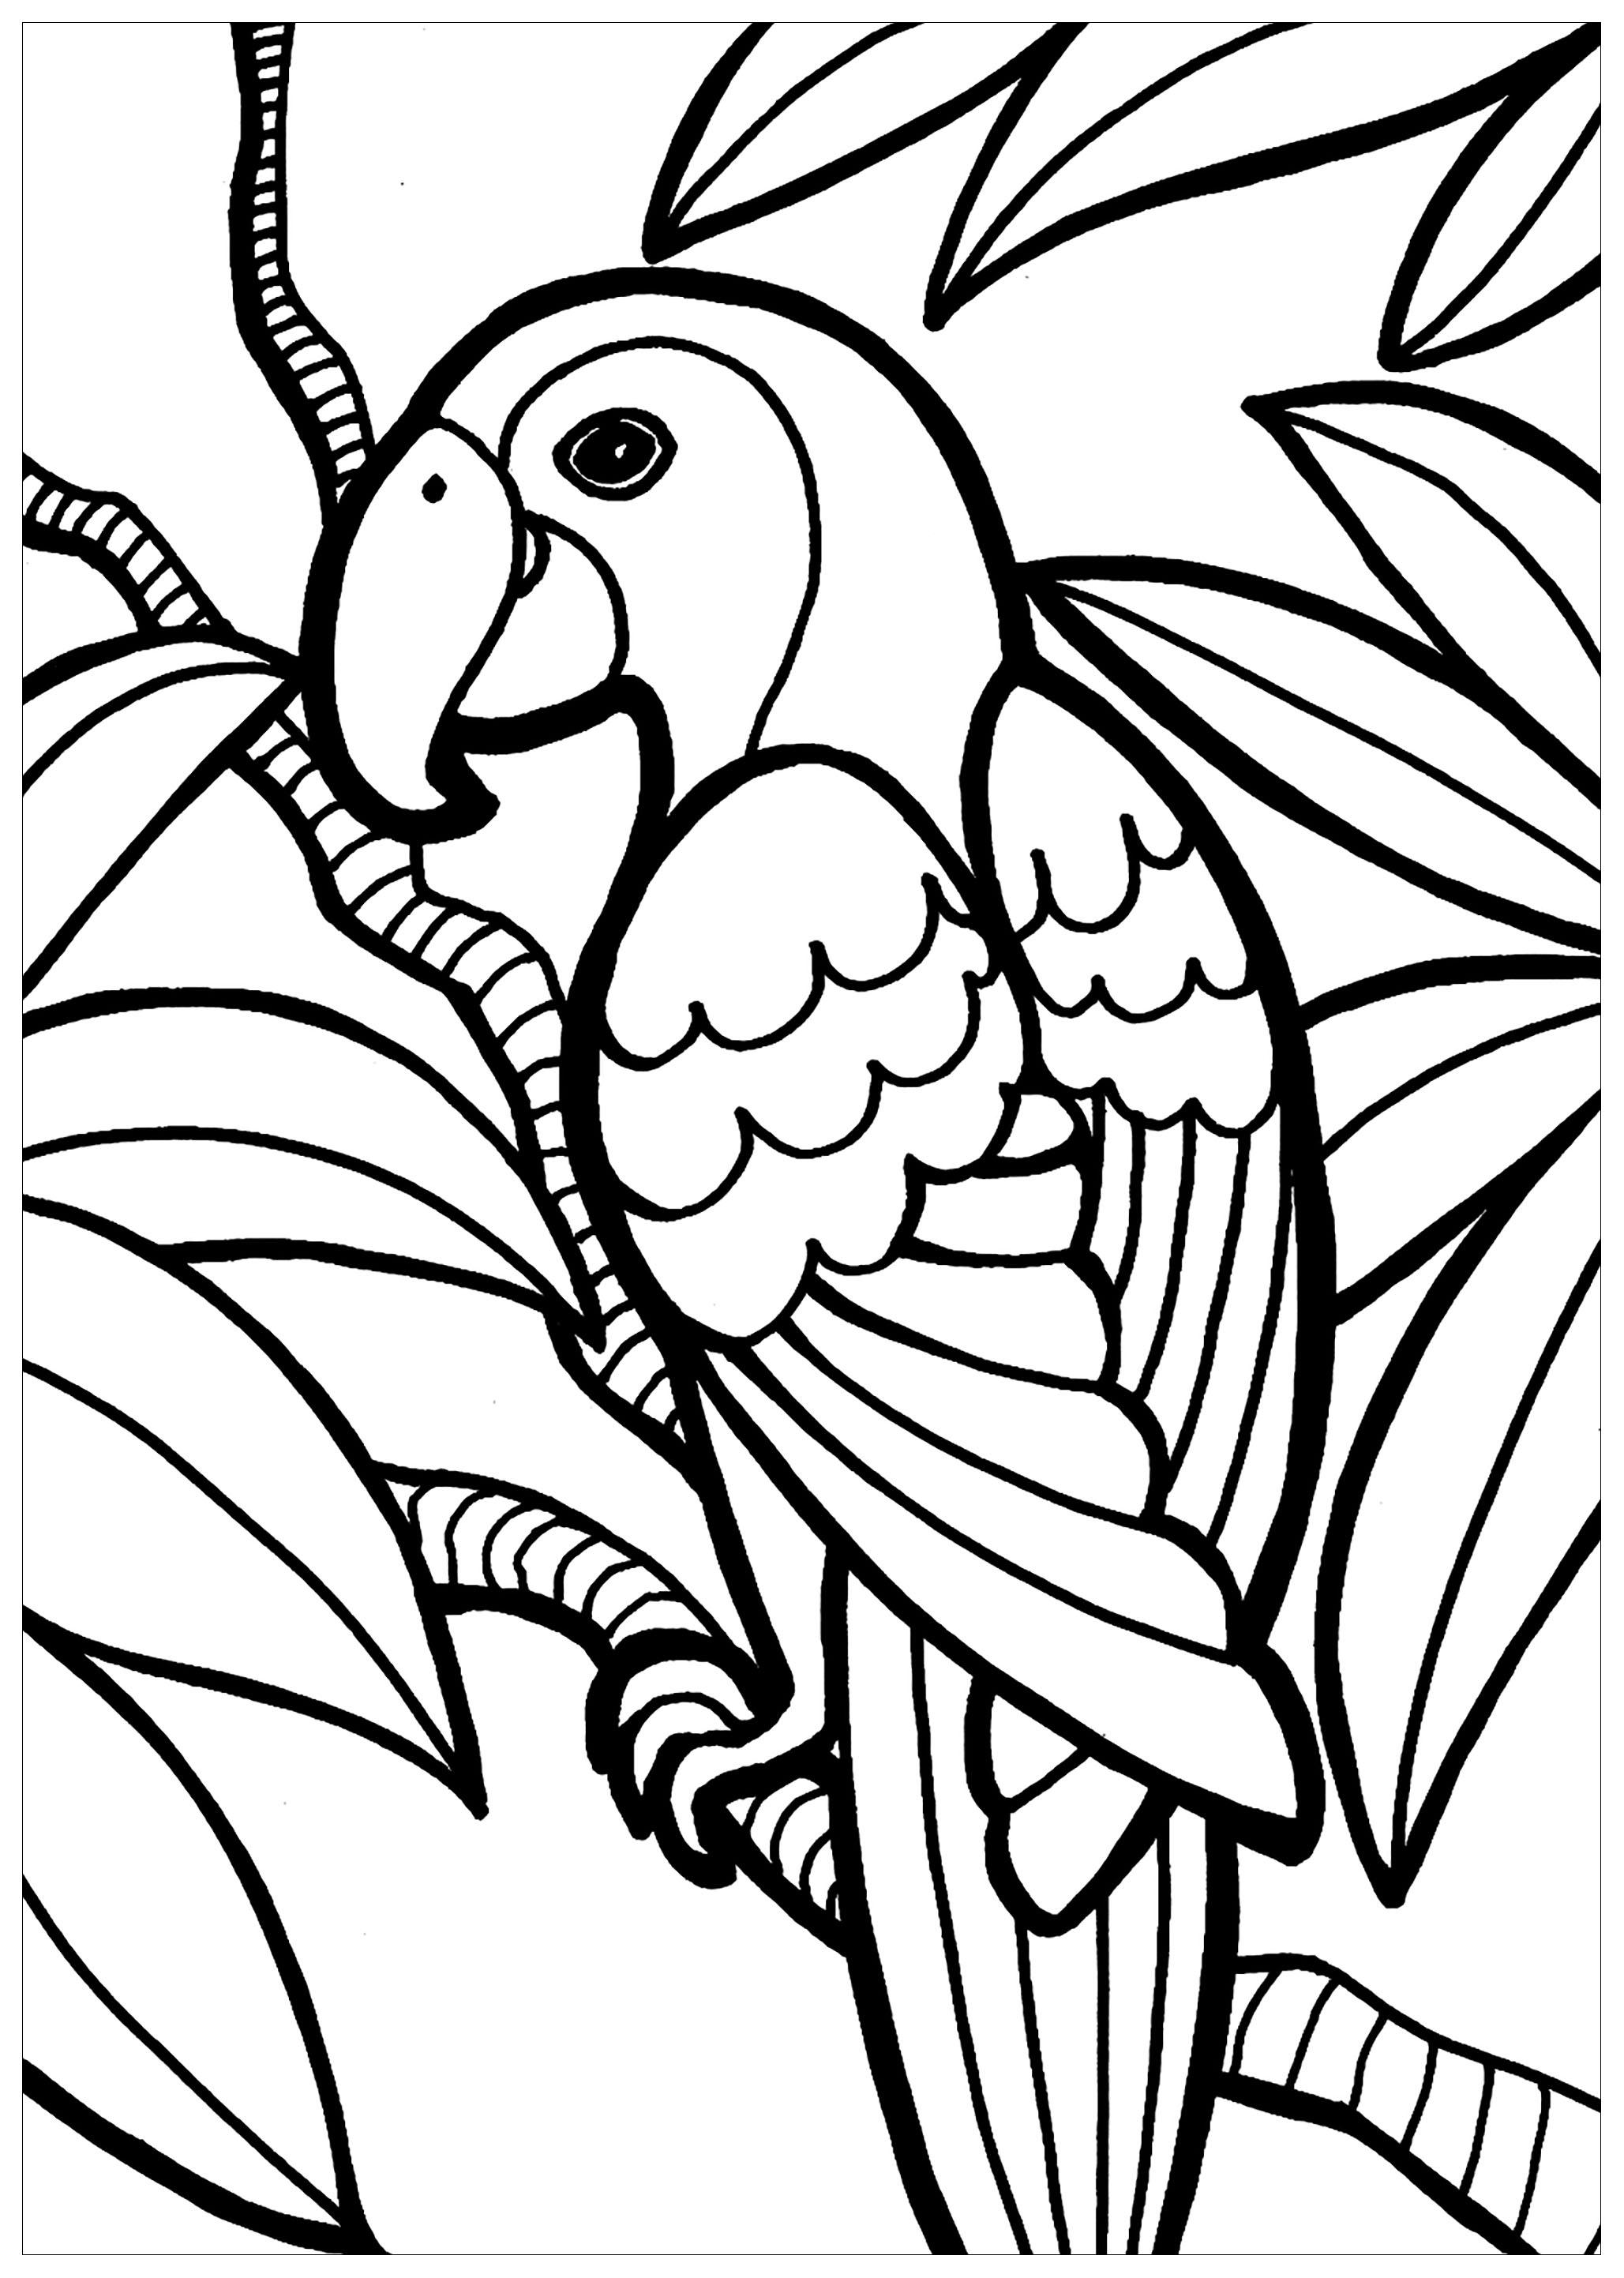 Perroquet - Coloriage d'Oiseaux - Coloriages pour enfants